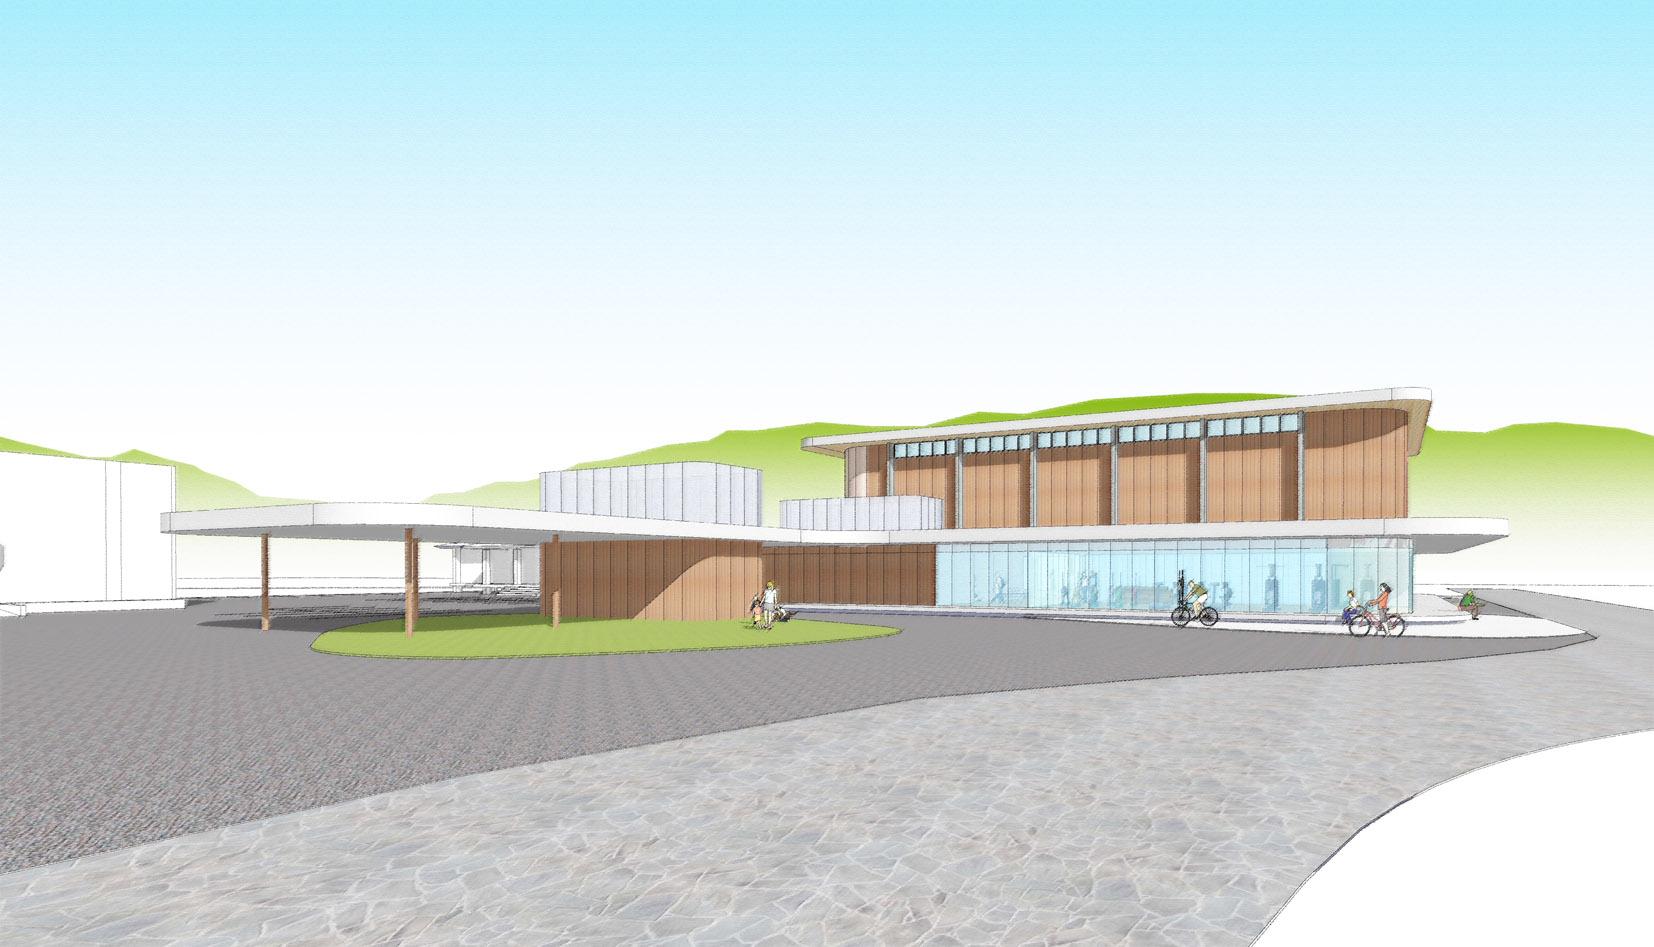 黒松内町体育館新築プロポーザル